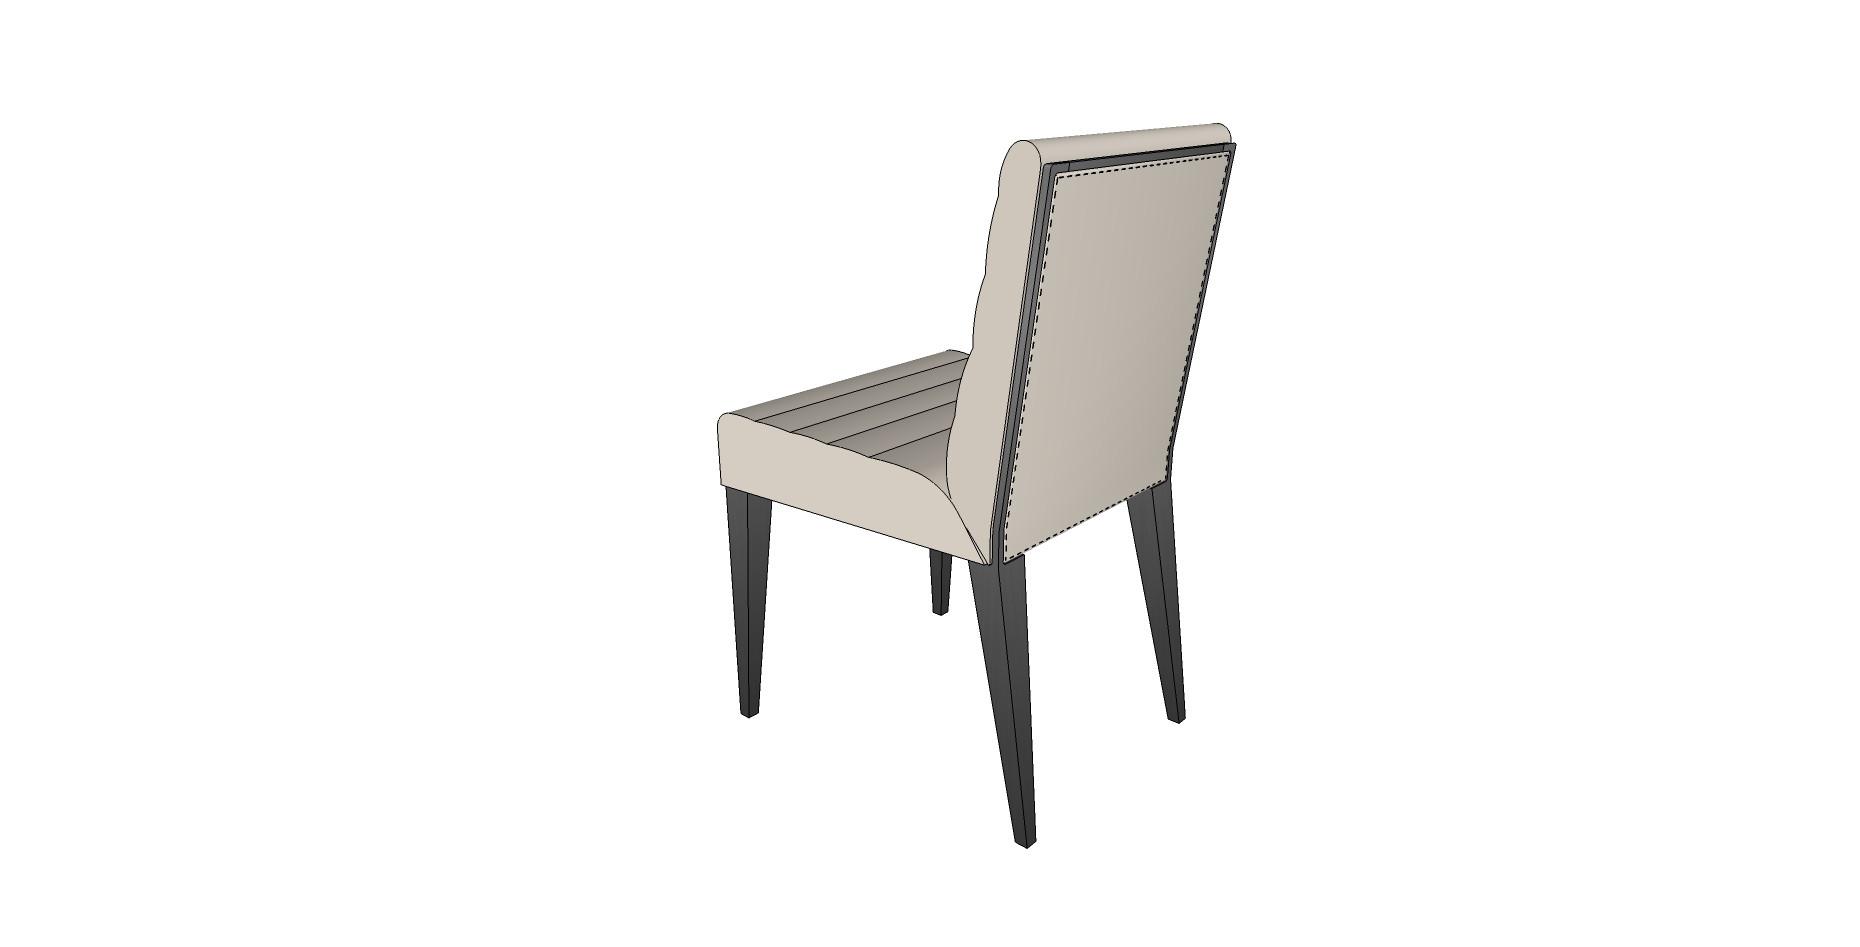 Sandalye 16-08-2019 015.jpg